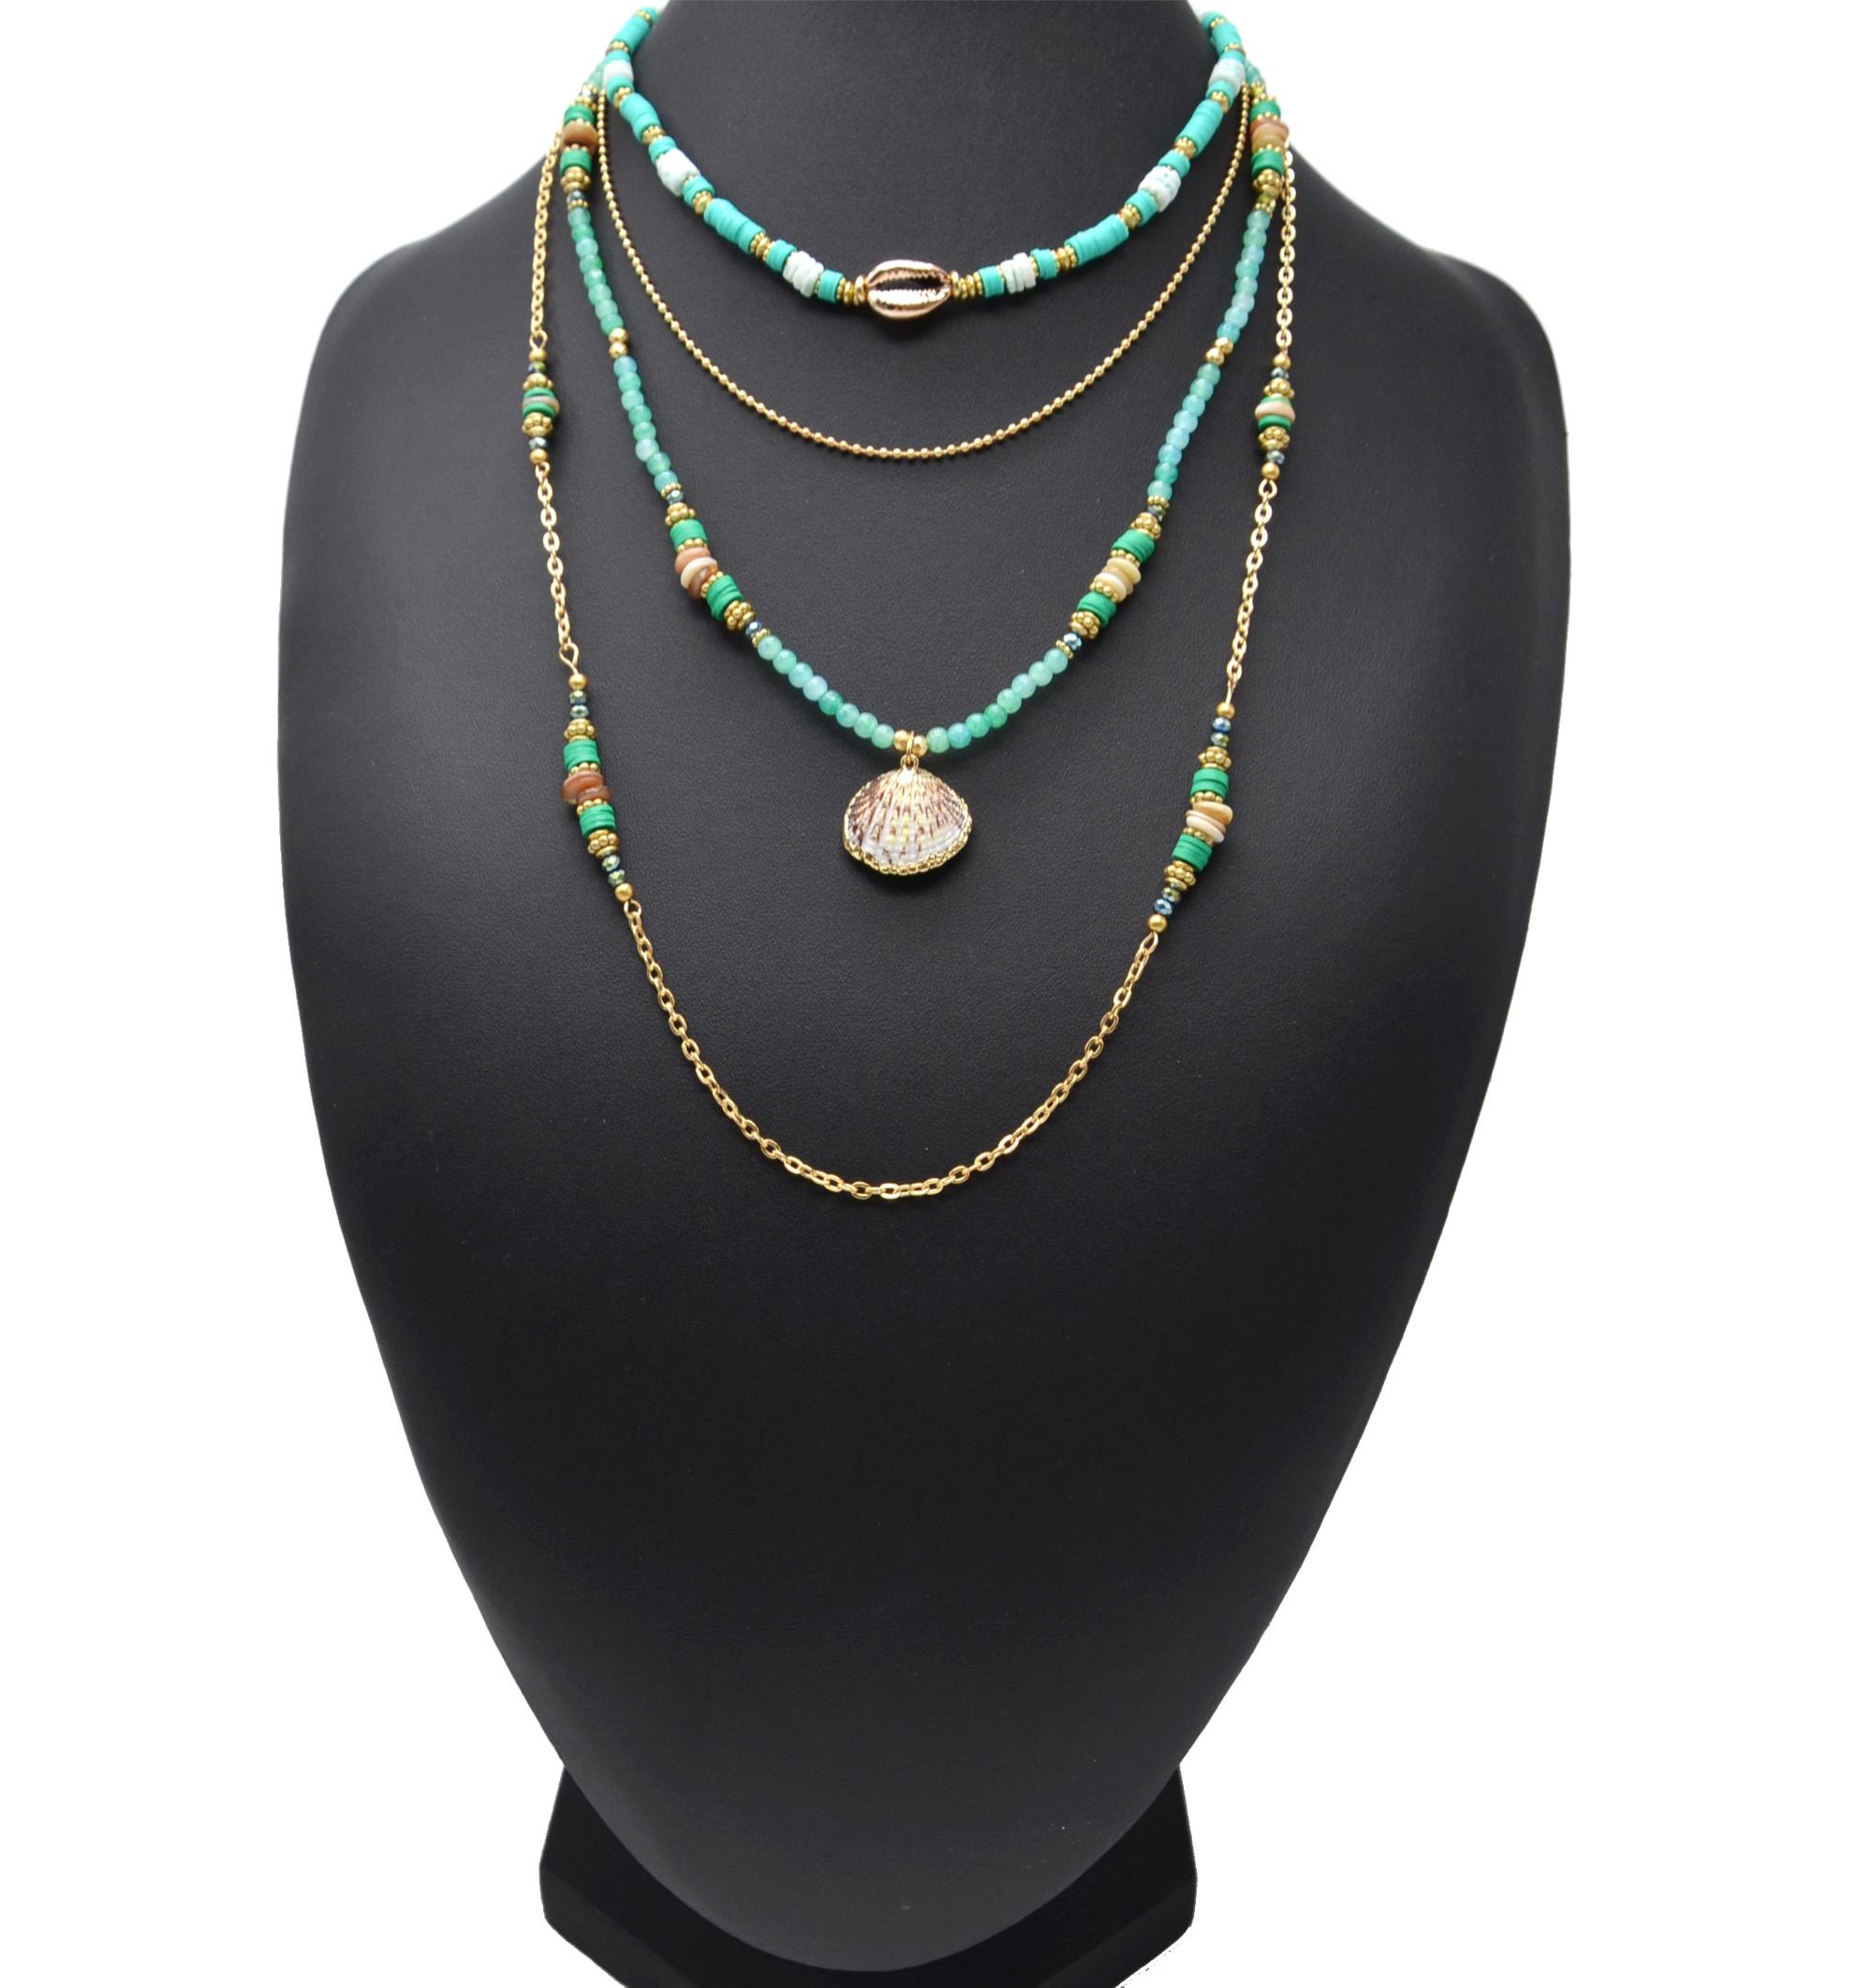 Bague argent 925 double rang de perles et pendentif coquillage cauri